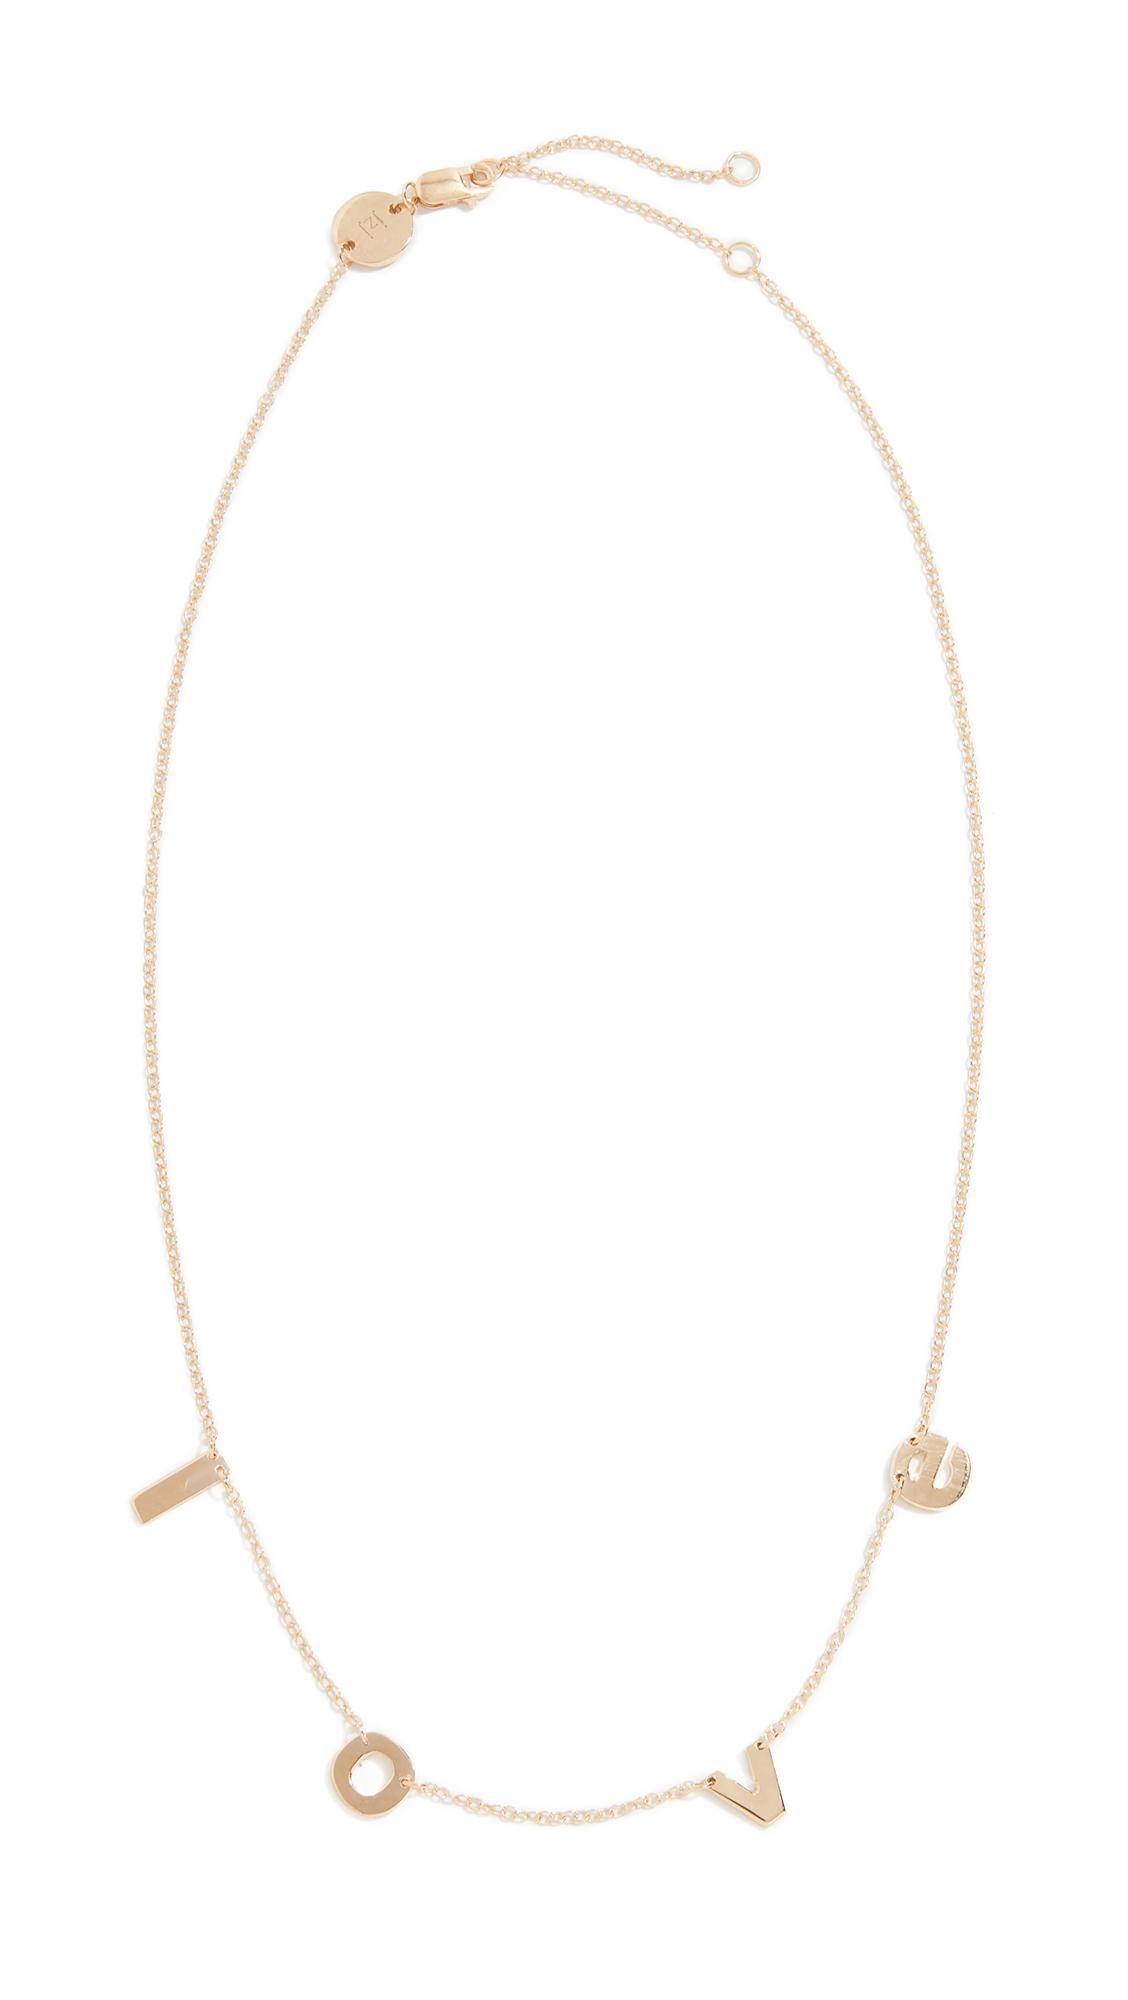 Jennifer Zeuner Jewelry Parker Necklace - Gold